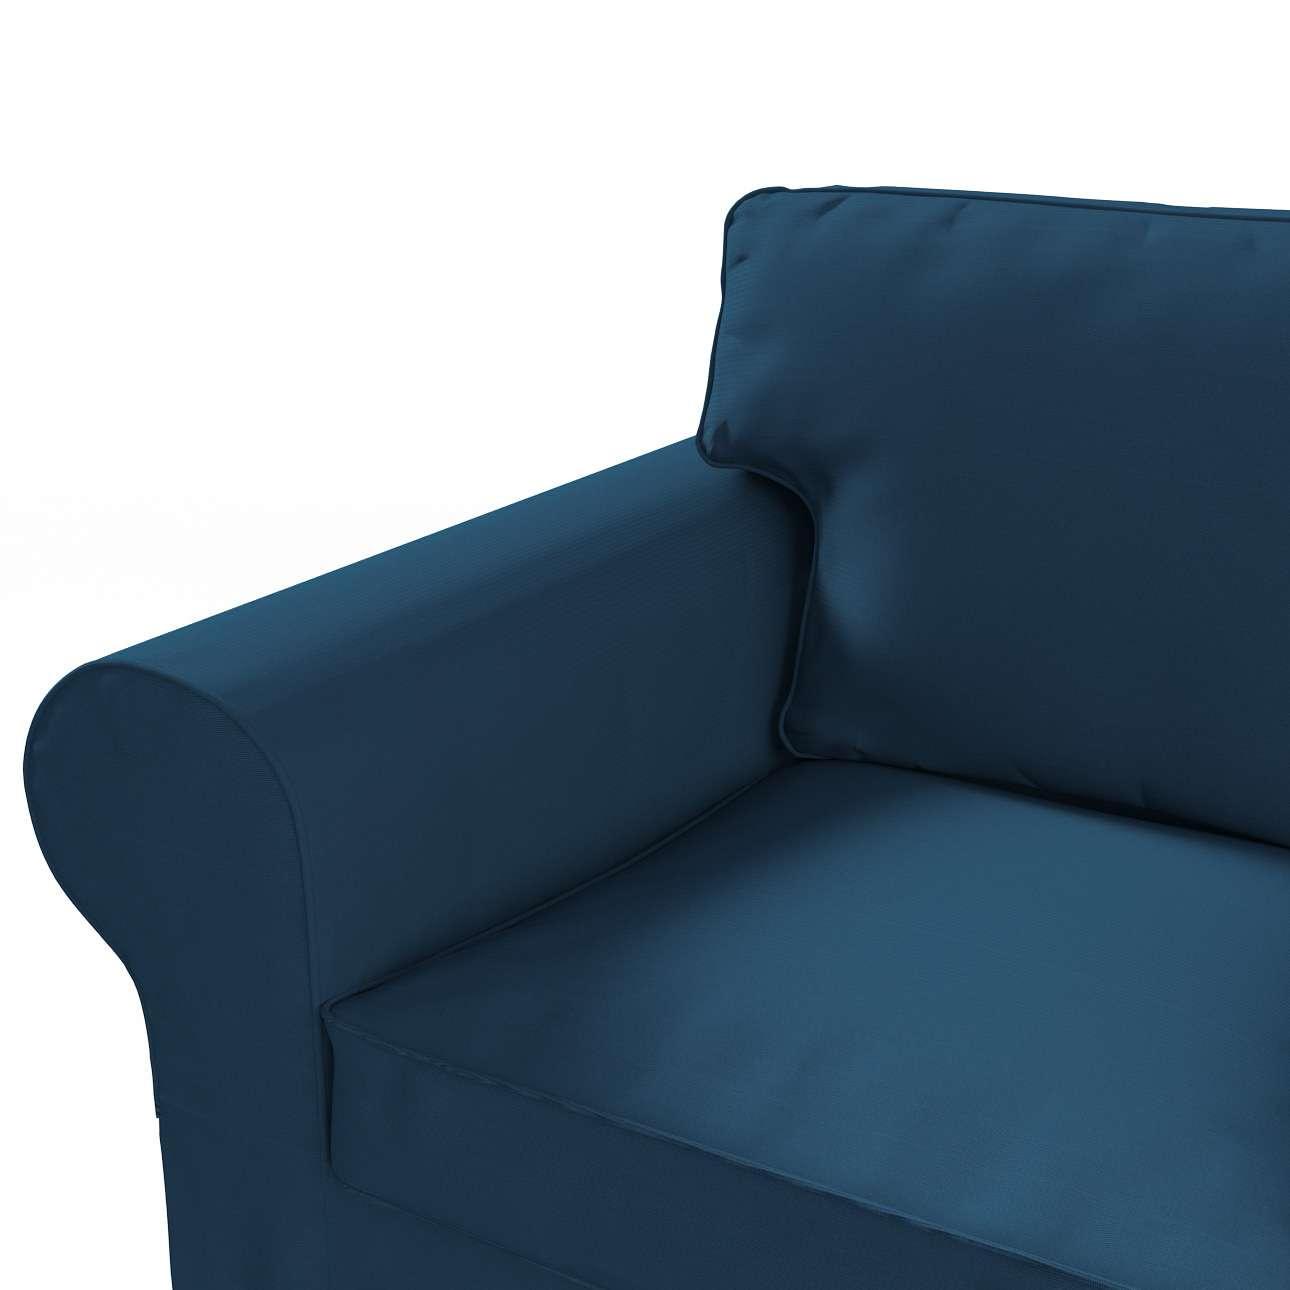 Ektorp 3-Sitzer Schlafsofabezug neues Modell (2013) von der Kollektion Cotton Panama, Stoff: 702-30